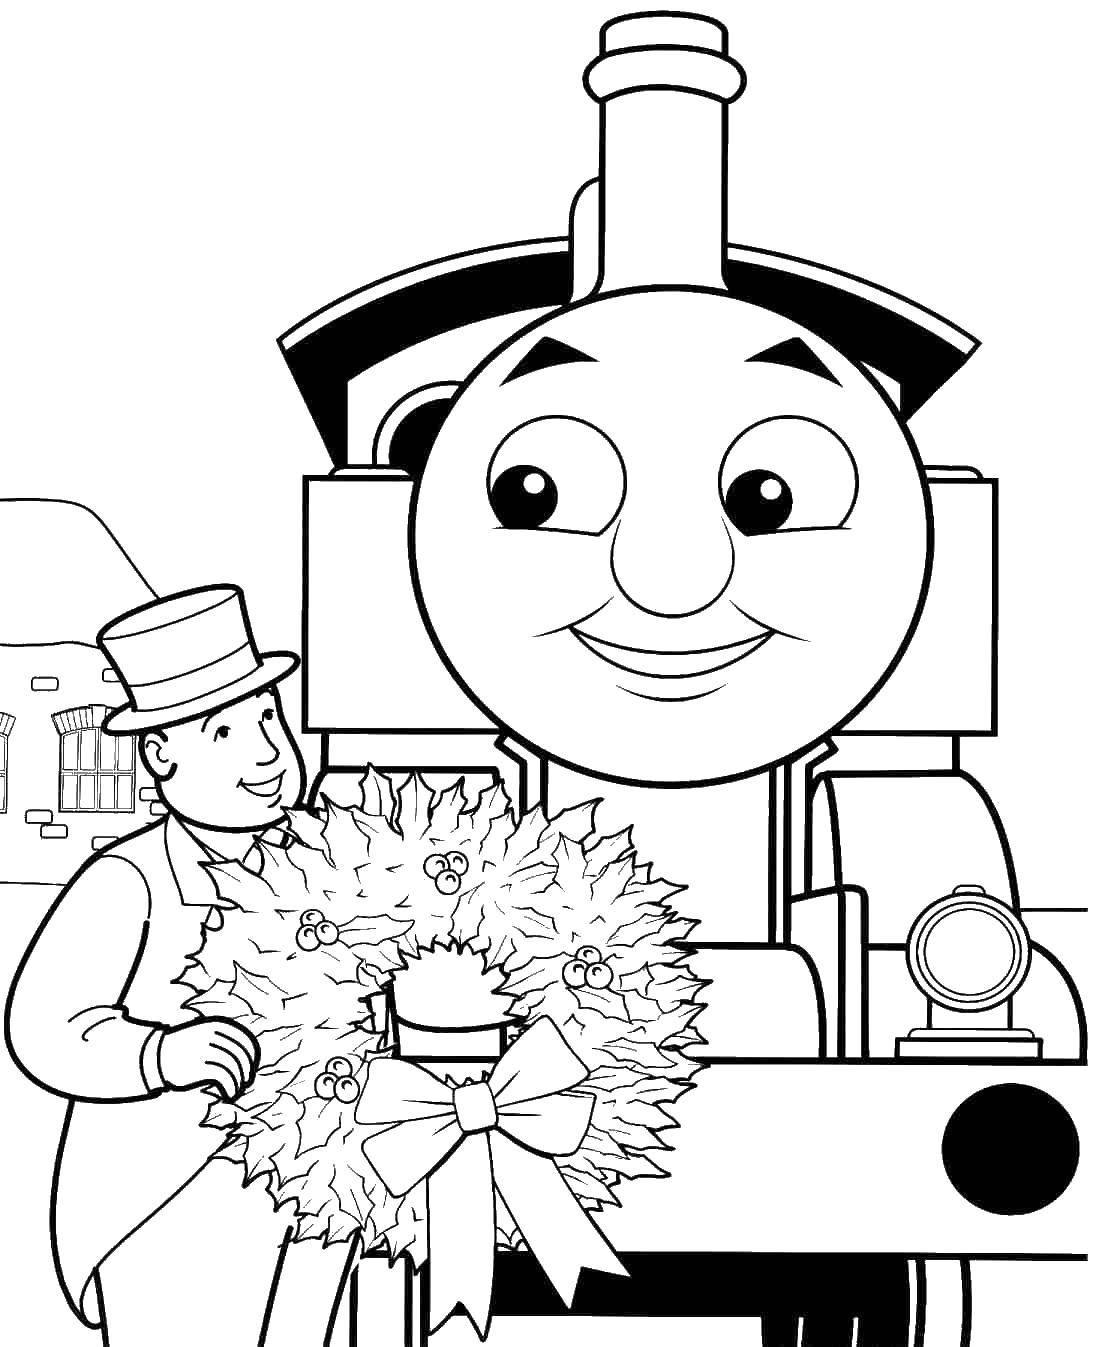 Раскраска Паровозик томас получает награду Скачать паровоз, Томас.  Распечатать ,мультики,